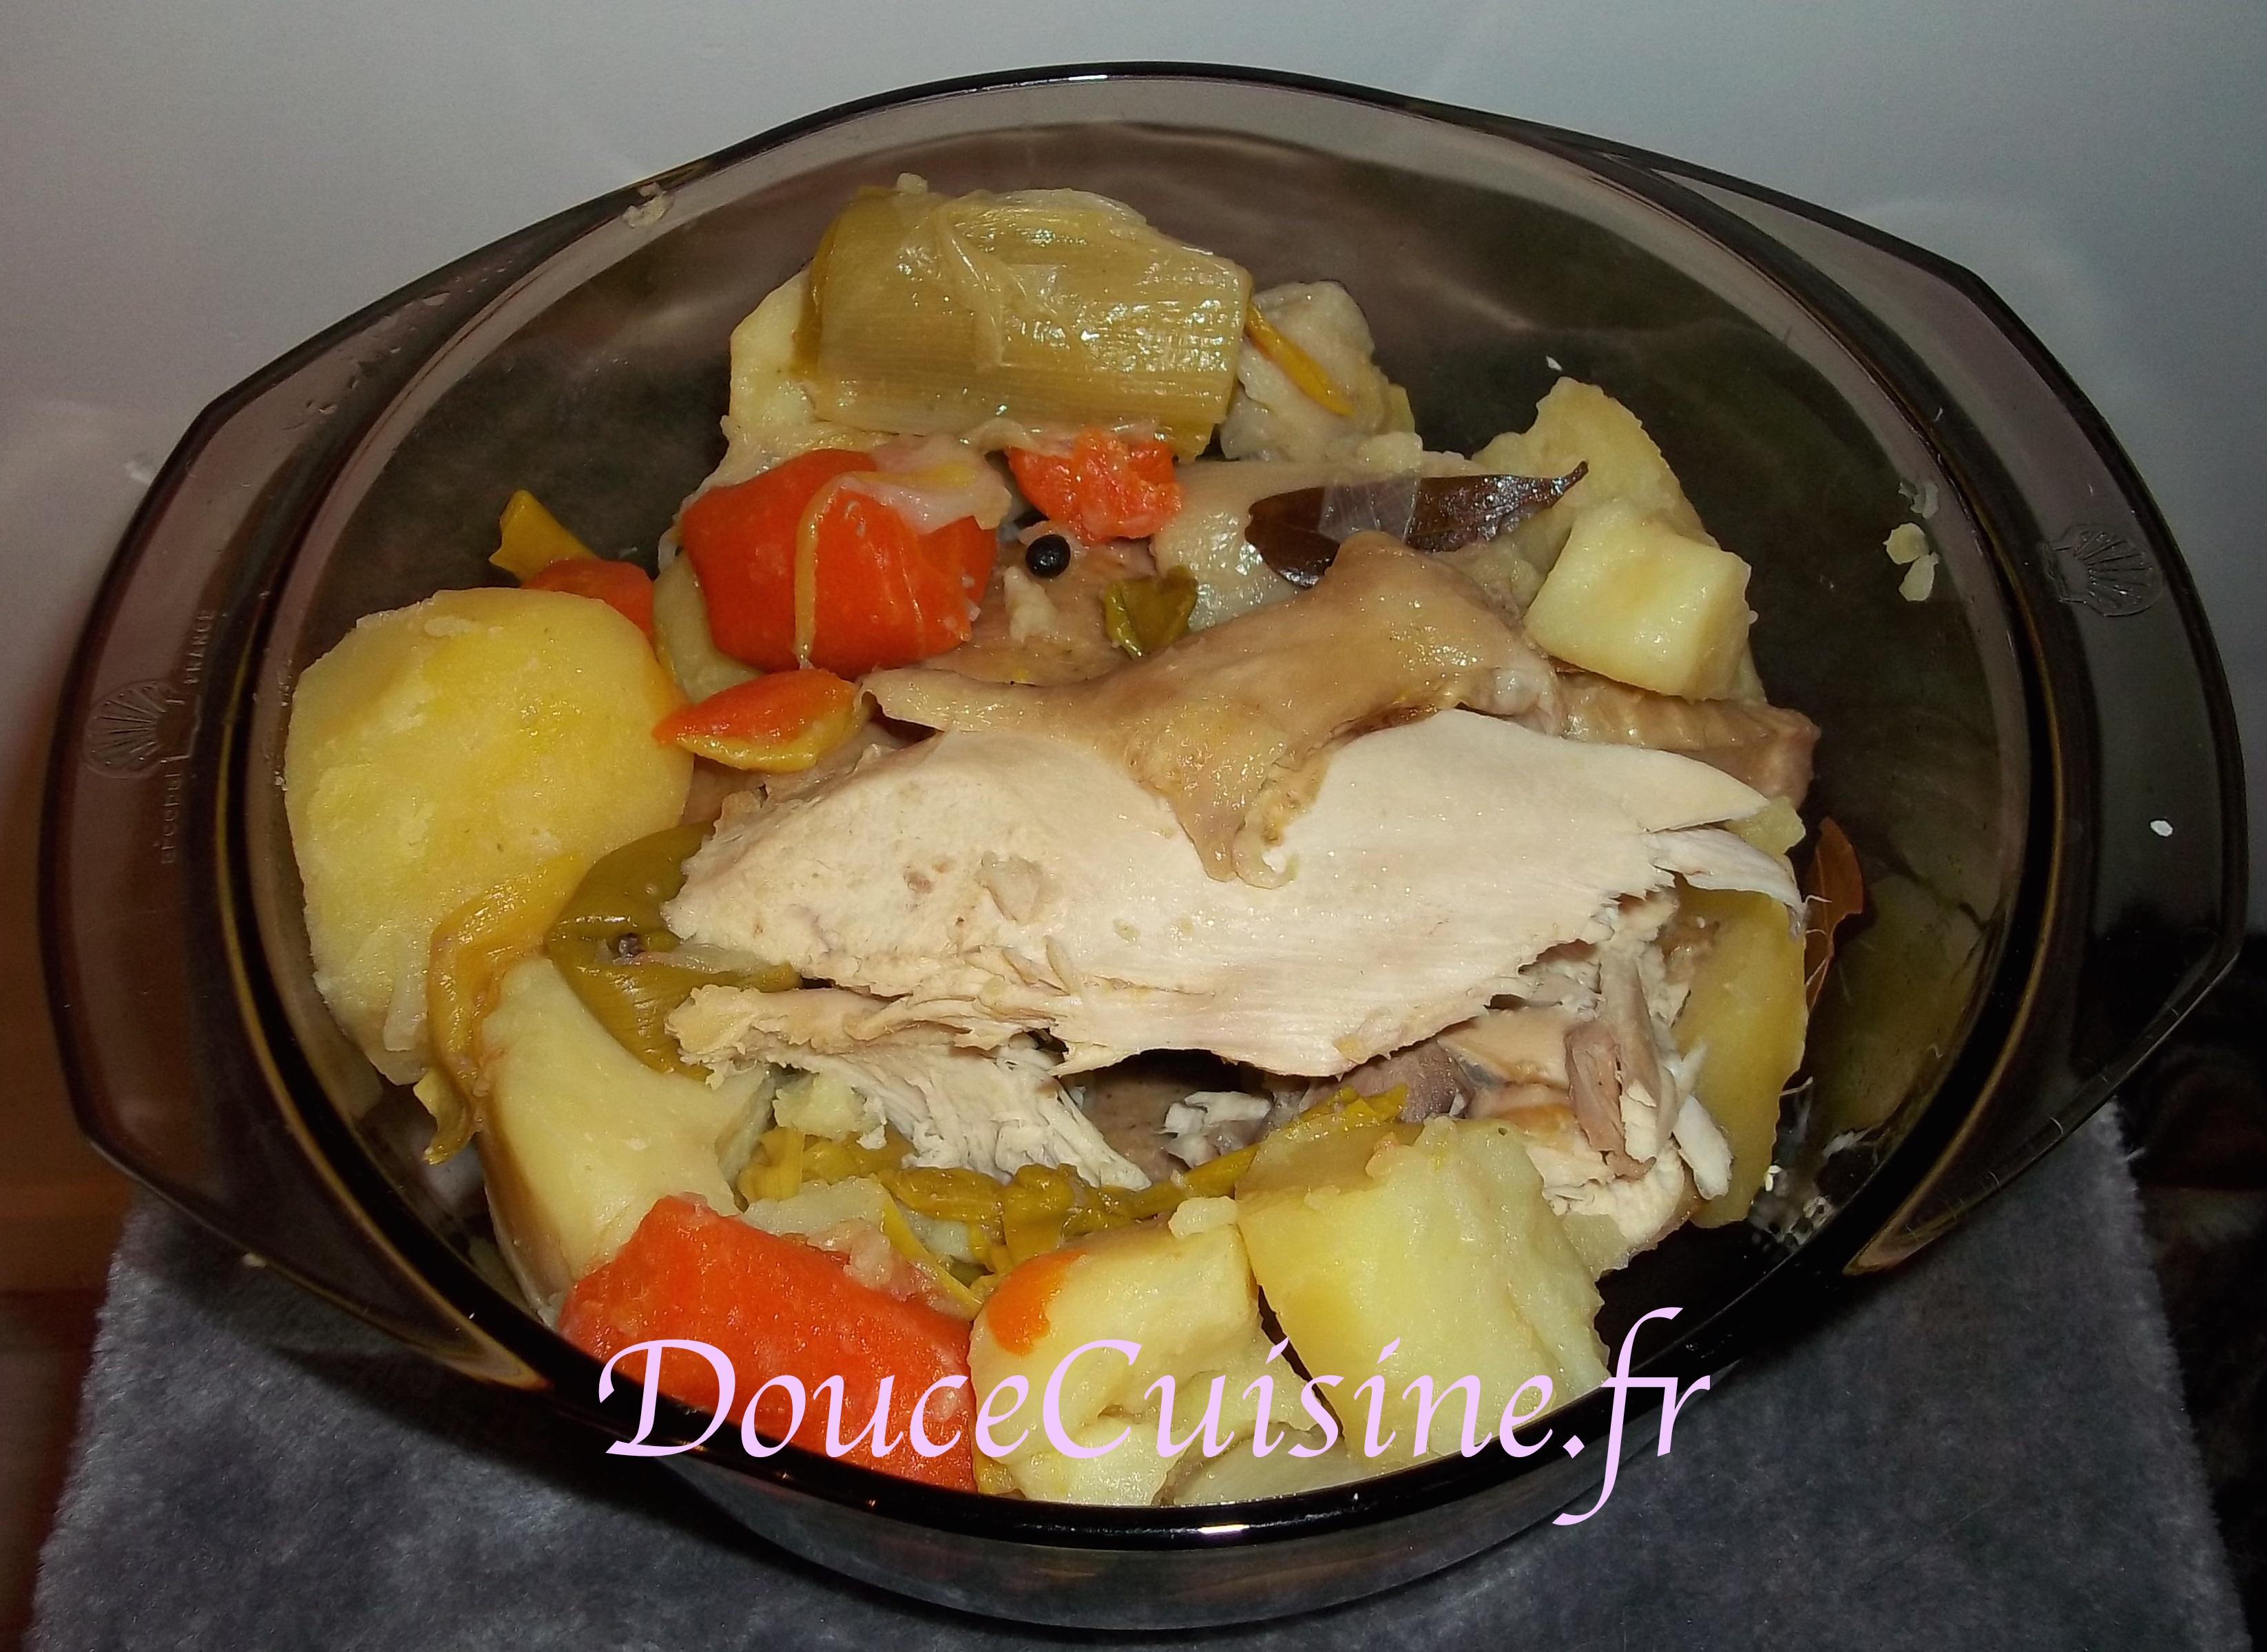 Poule au pot et sa sauce blanche douce cuisine - Cuisine poule au pot ...